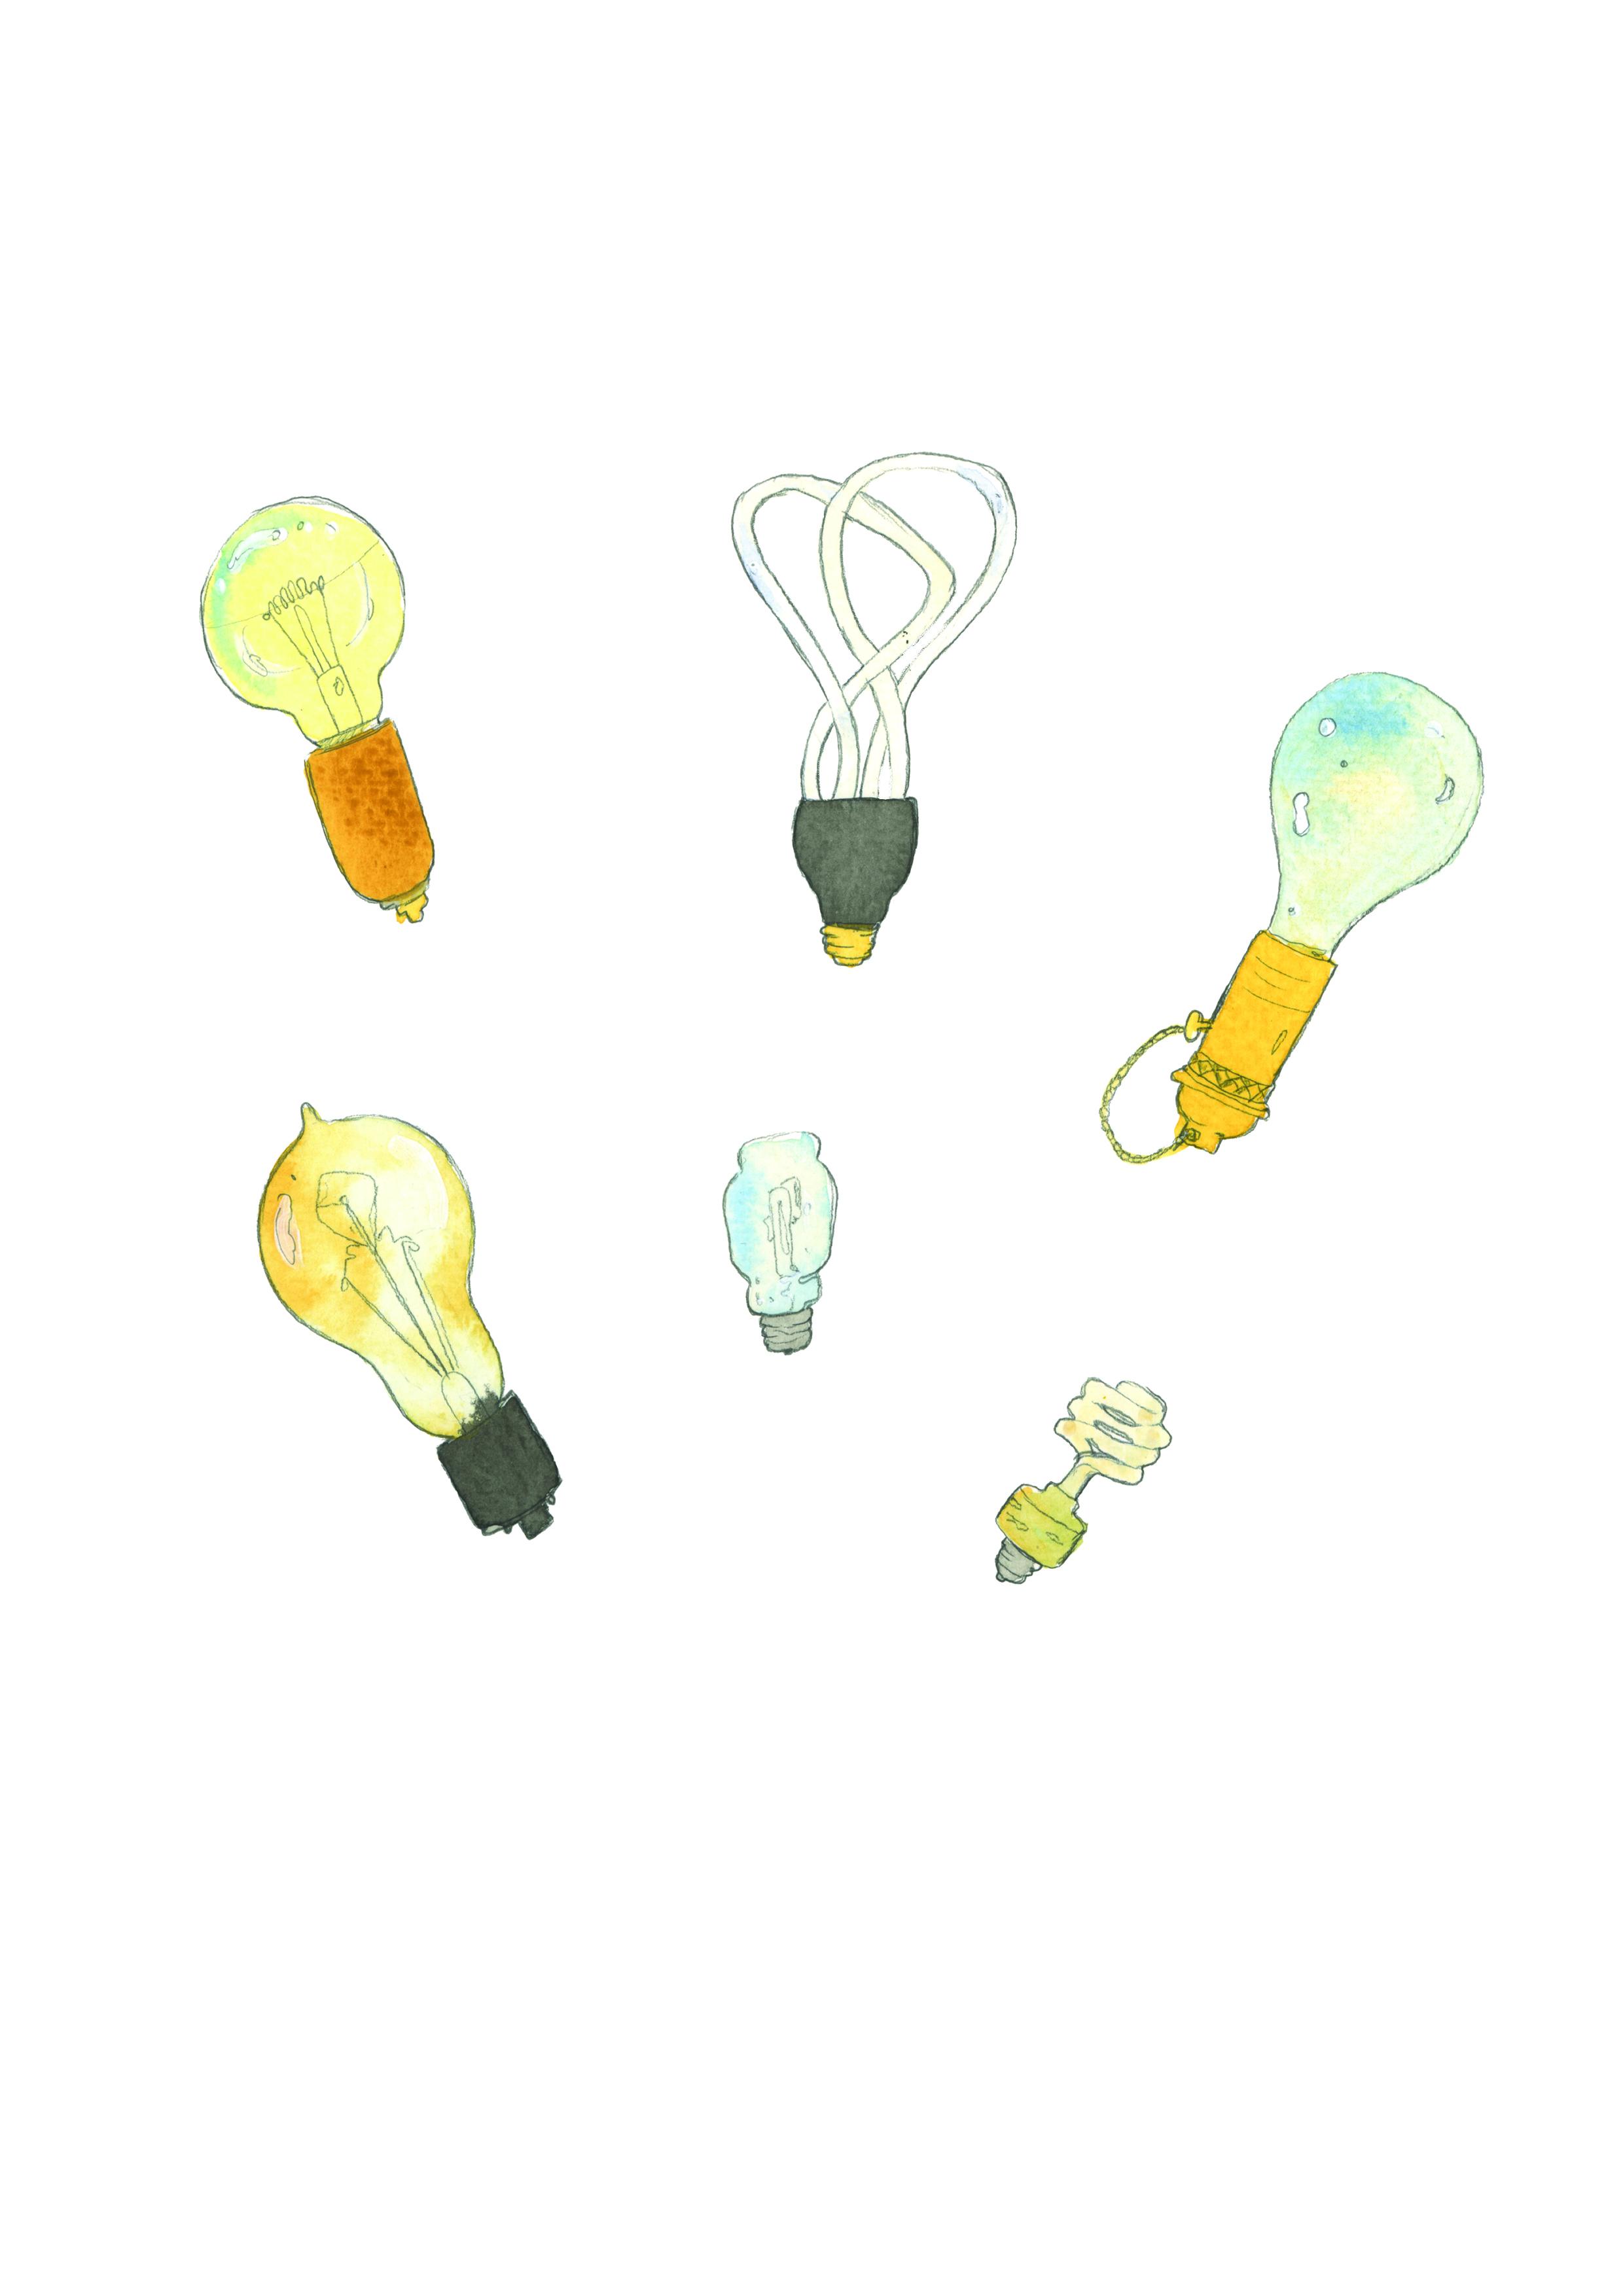 S DOODL IDEAS SECTION.jpg